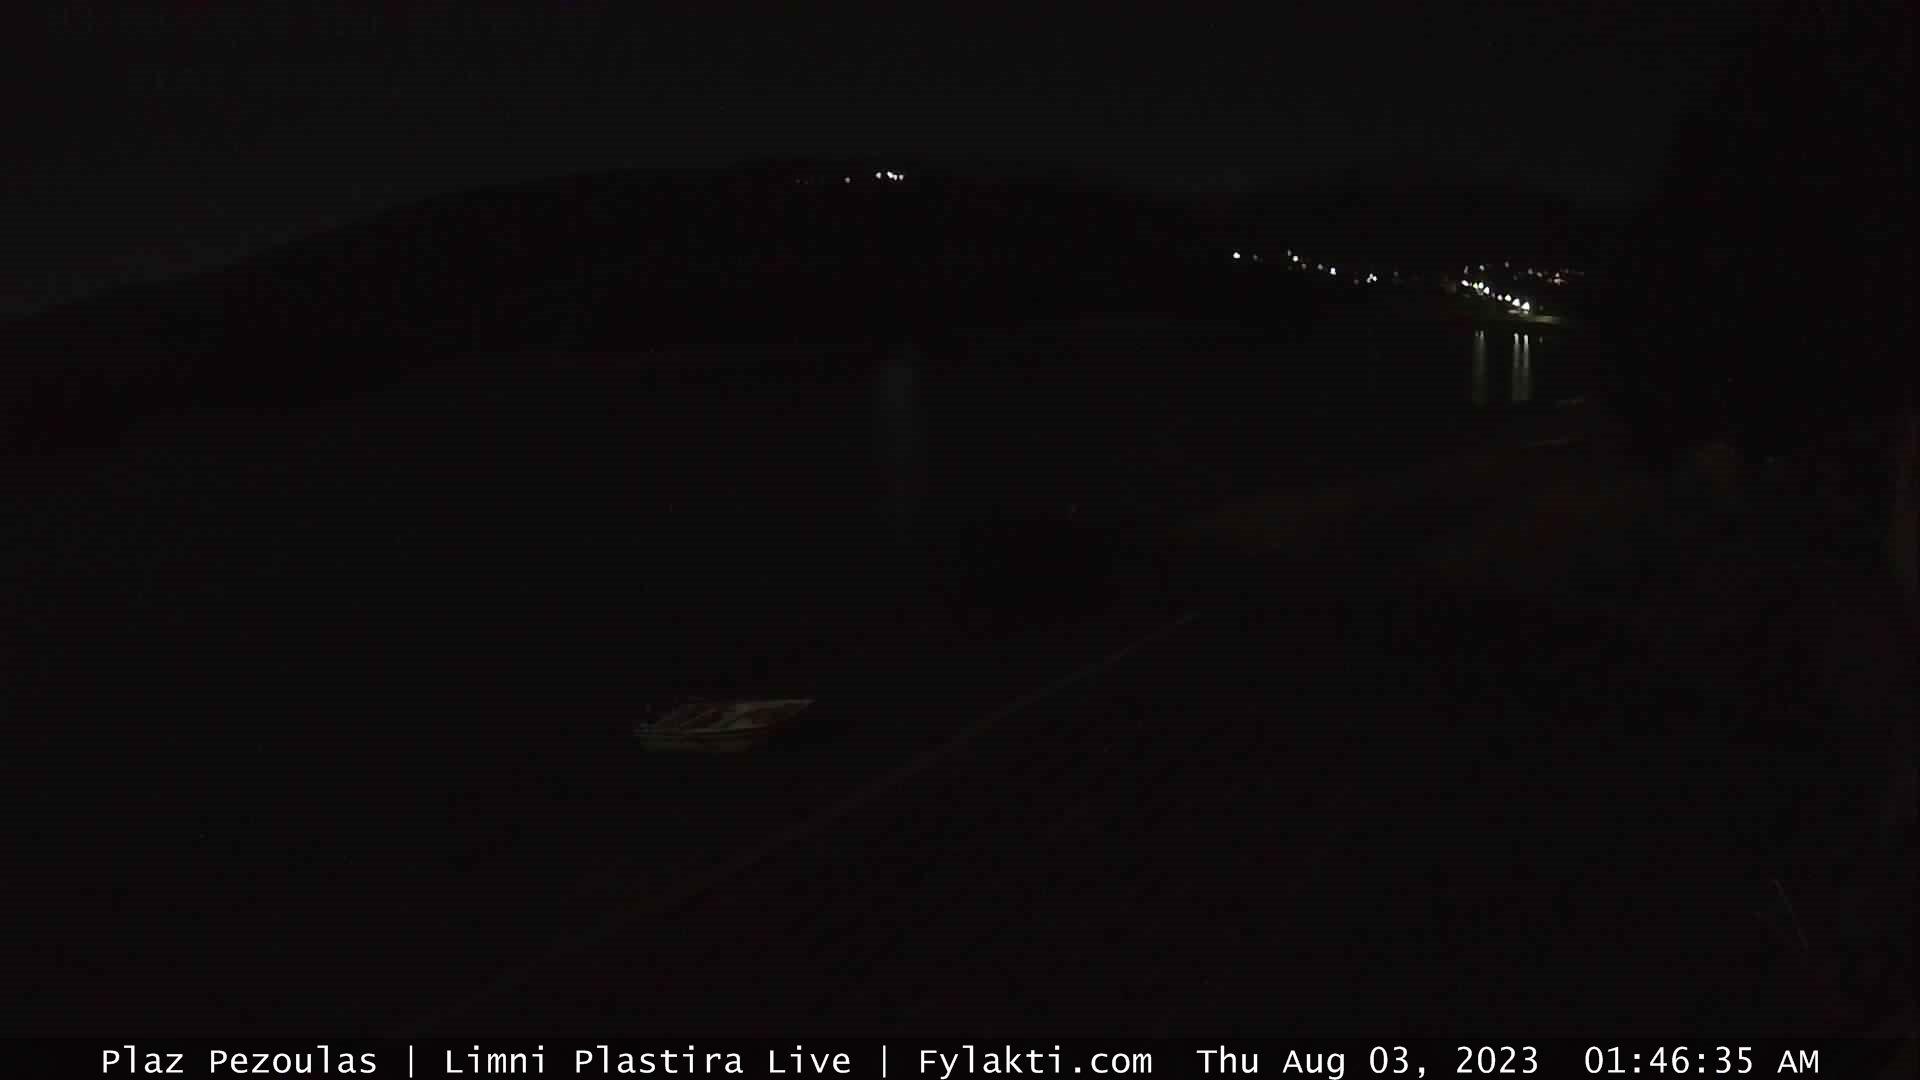 Παρακολουθείτε ζωντανά την πλαζ Λίμνης Πλαστήρα με τη συνεργασία του Καφέ - Εστιατόριο Θεός Απόστολος , με την υποστήριξη του Fylakti.com